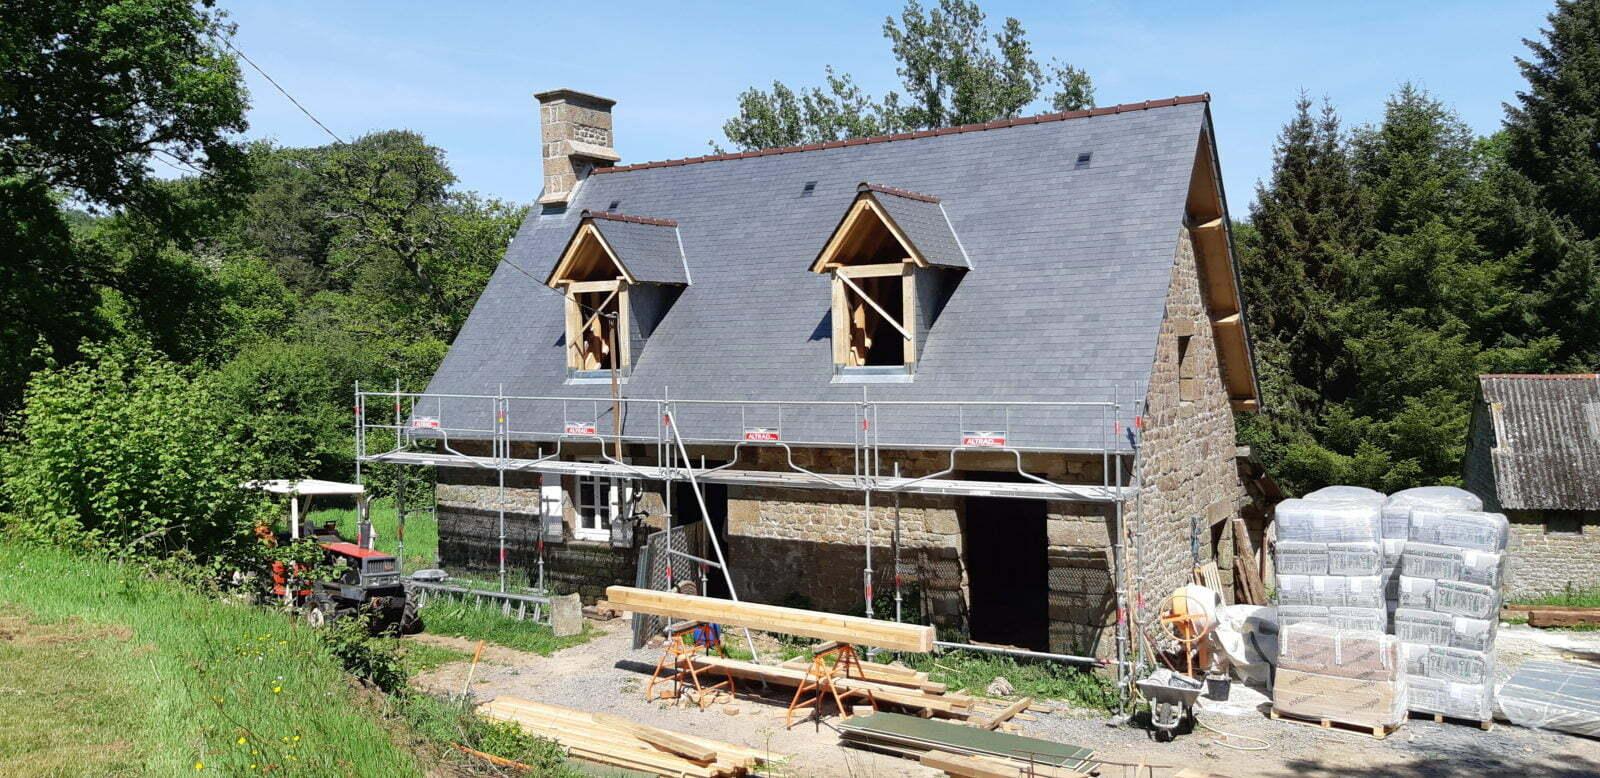 Restauration de la toiture - La Béchaudière